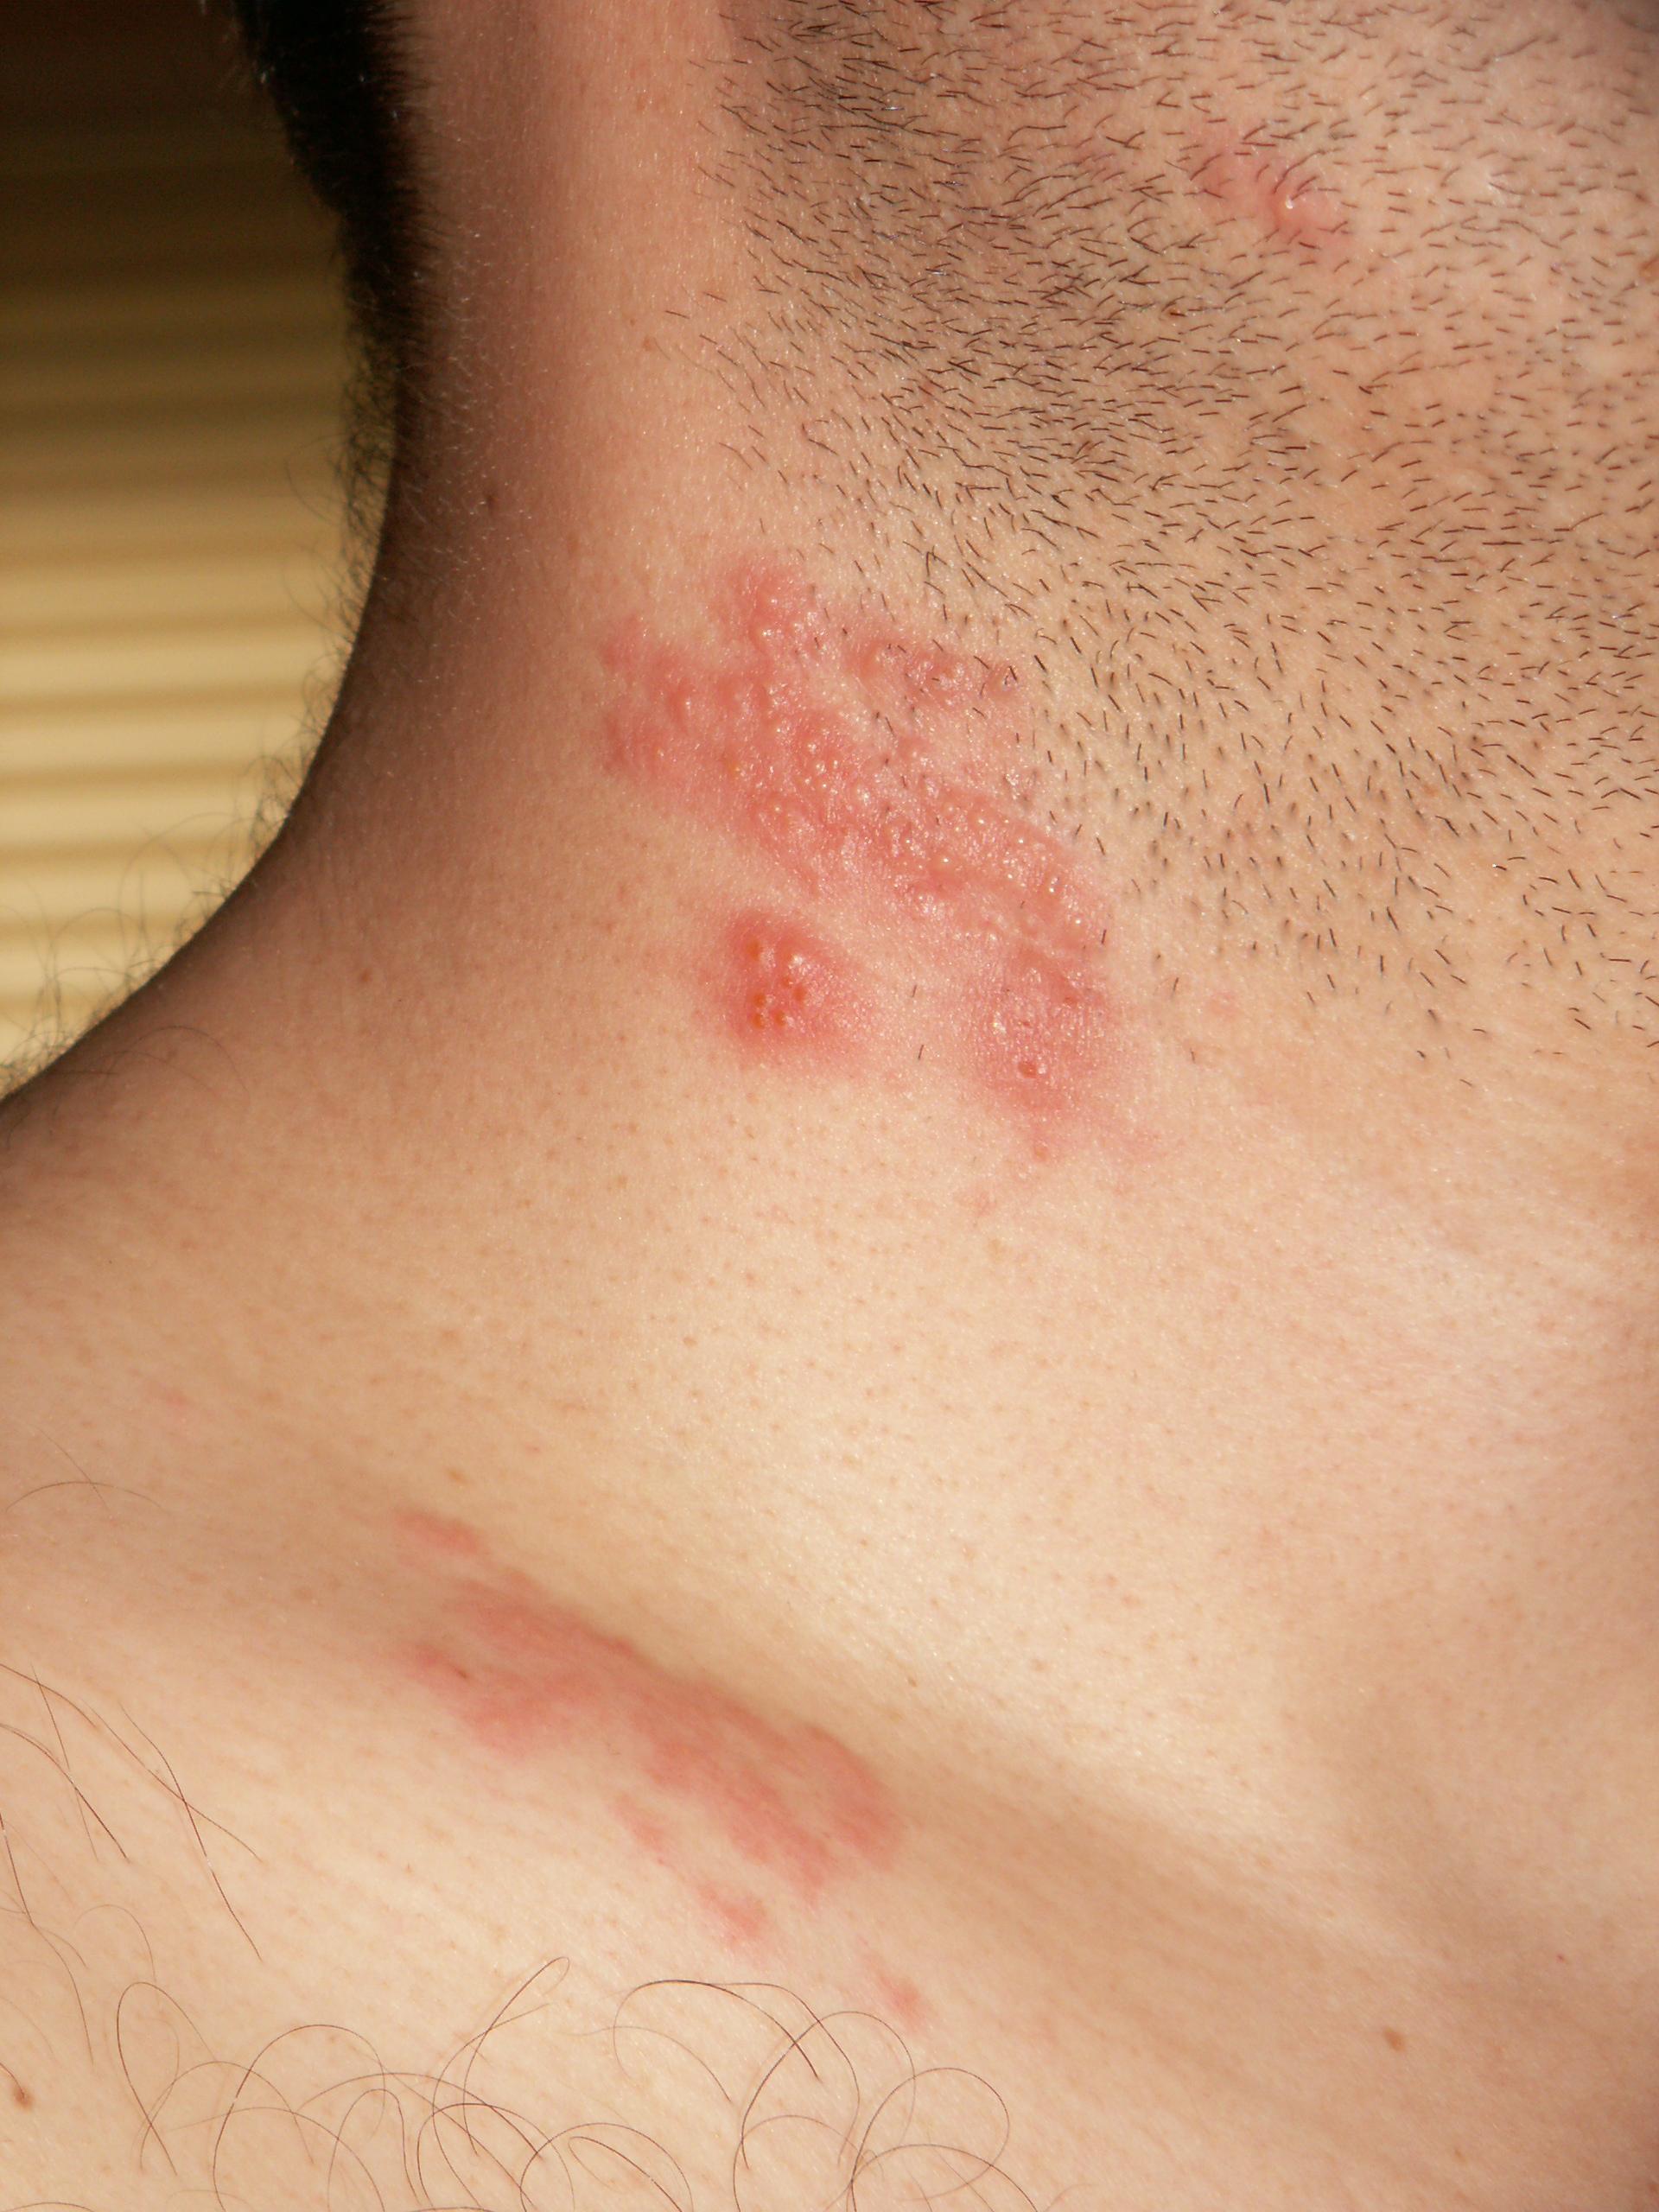 Hpv skin rash on face Warts hands rash